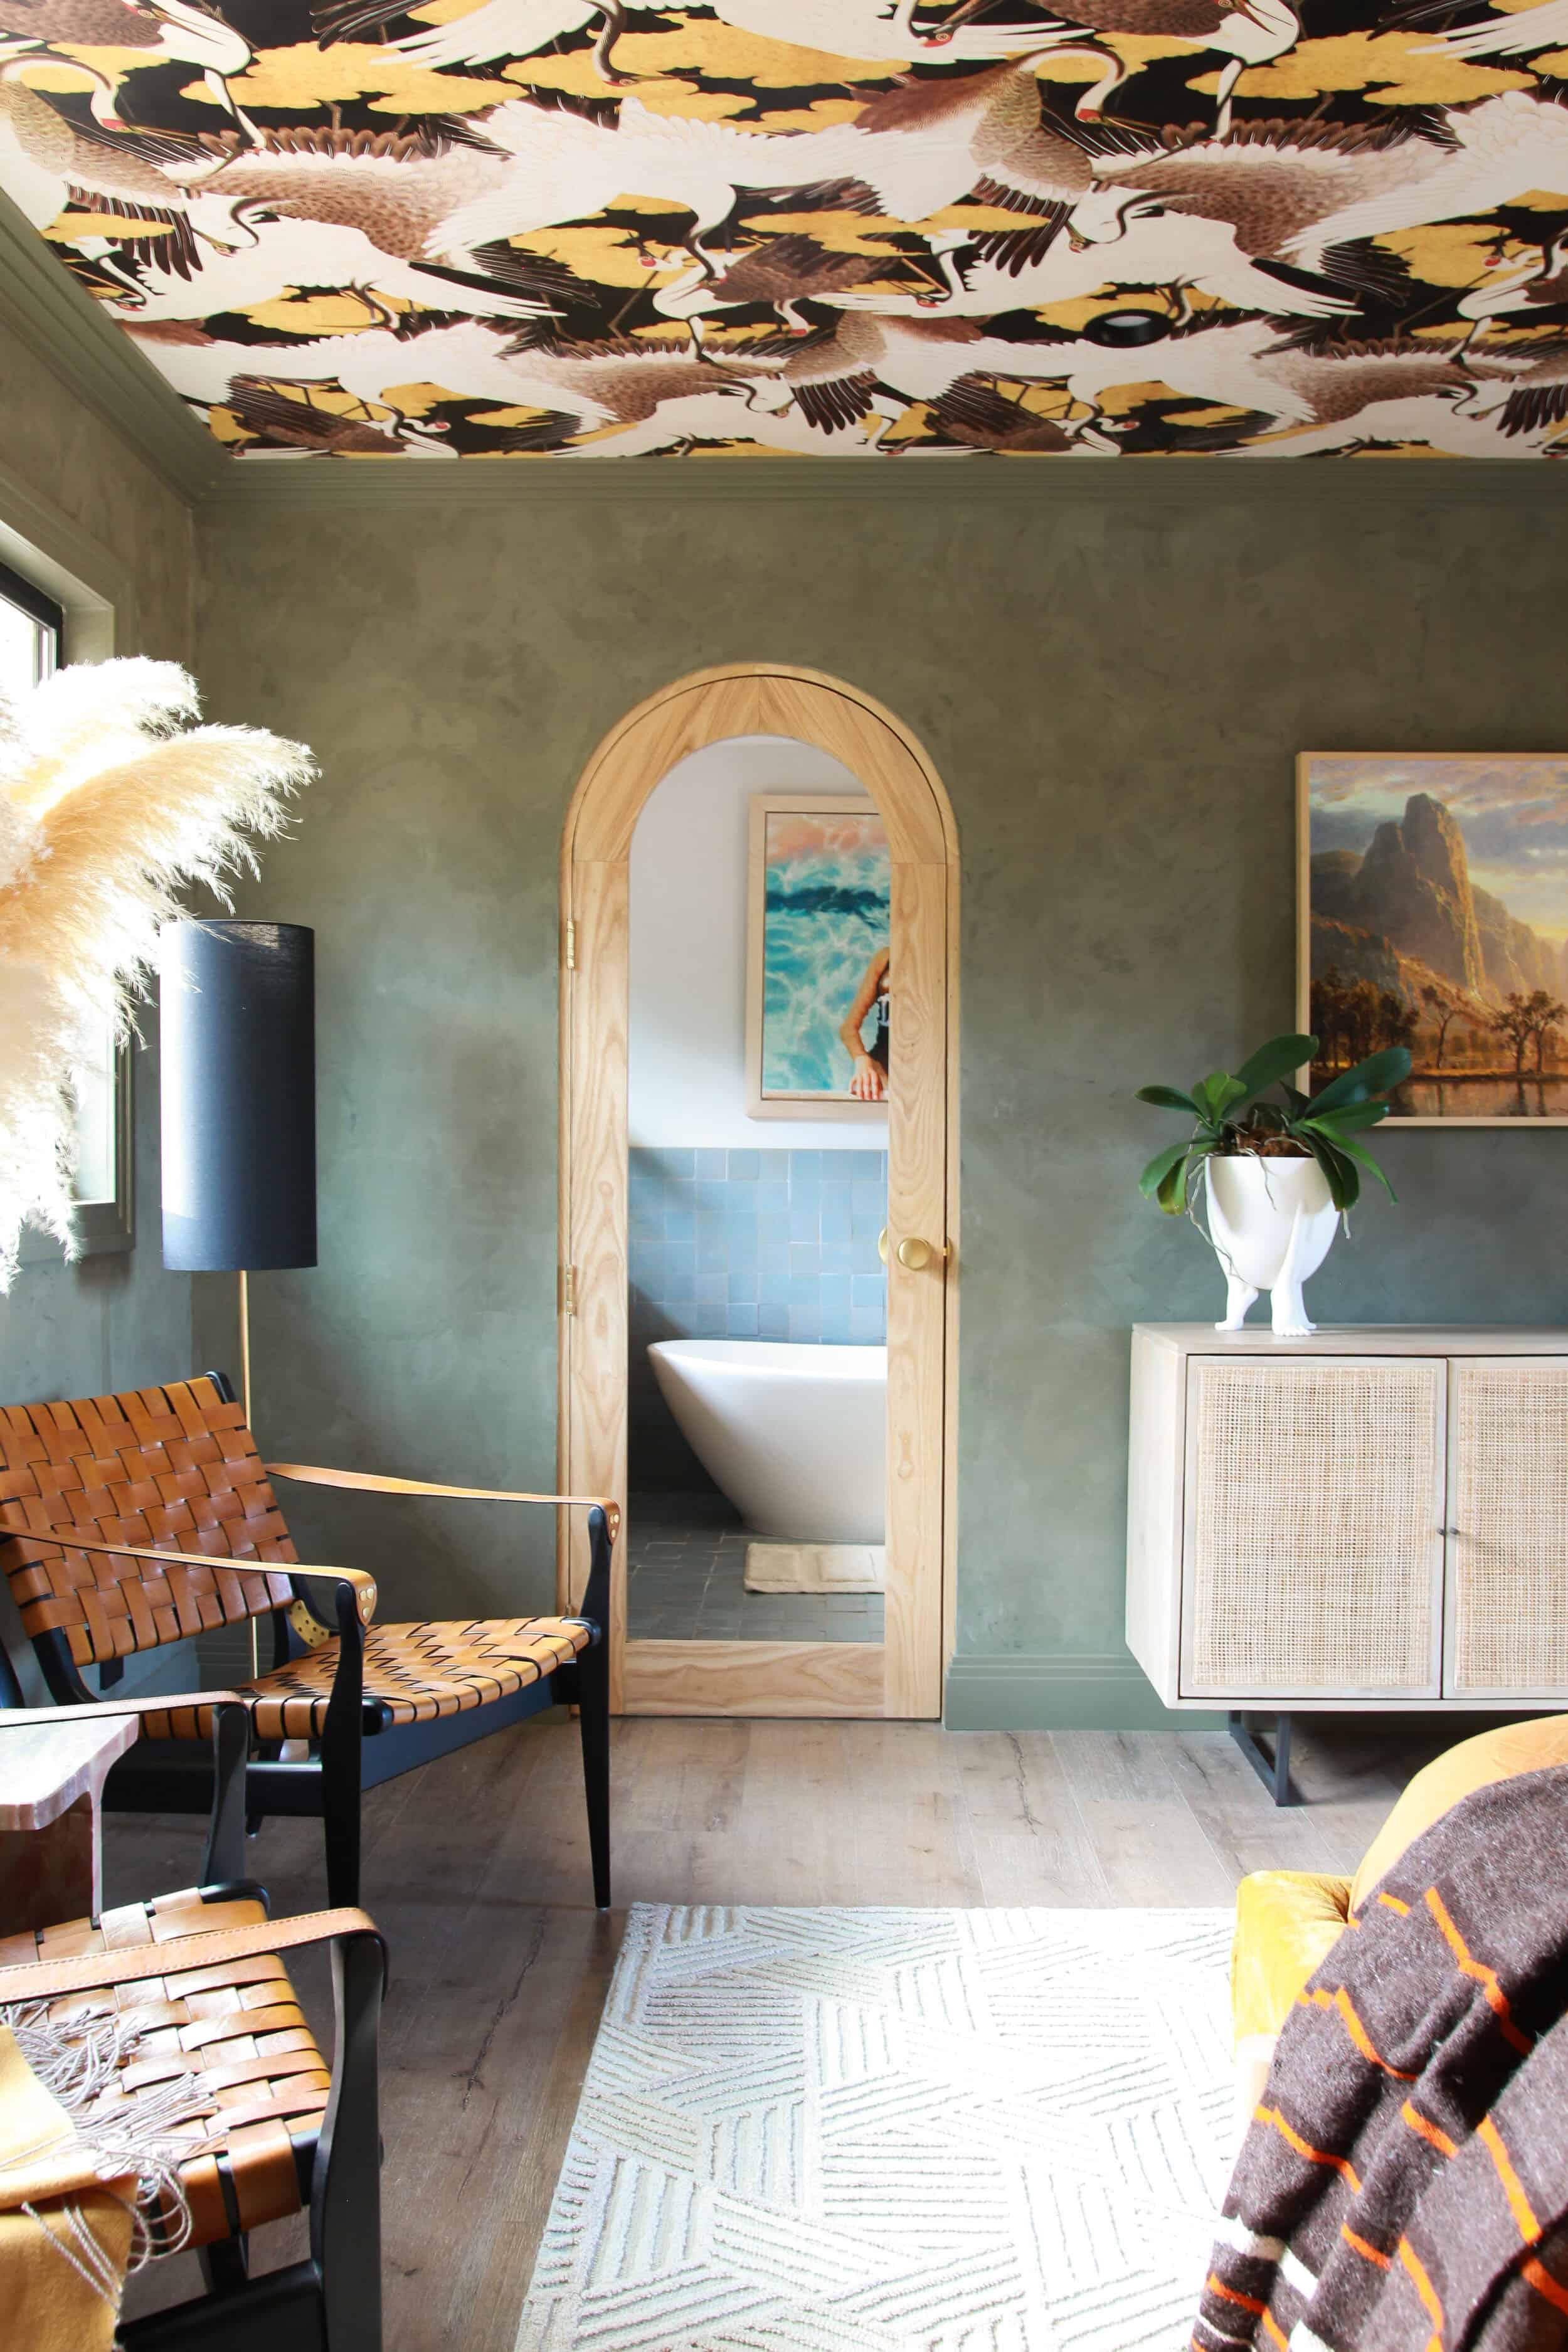 Emilyhenderson Thoughtstarter Hommeboys Oneroomchallenge Reveal Masterbedroombathroom 7 1